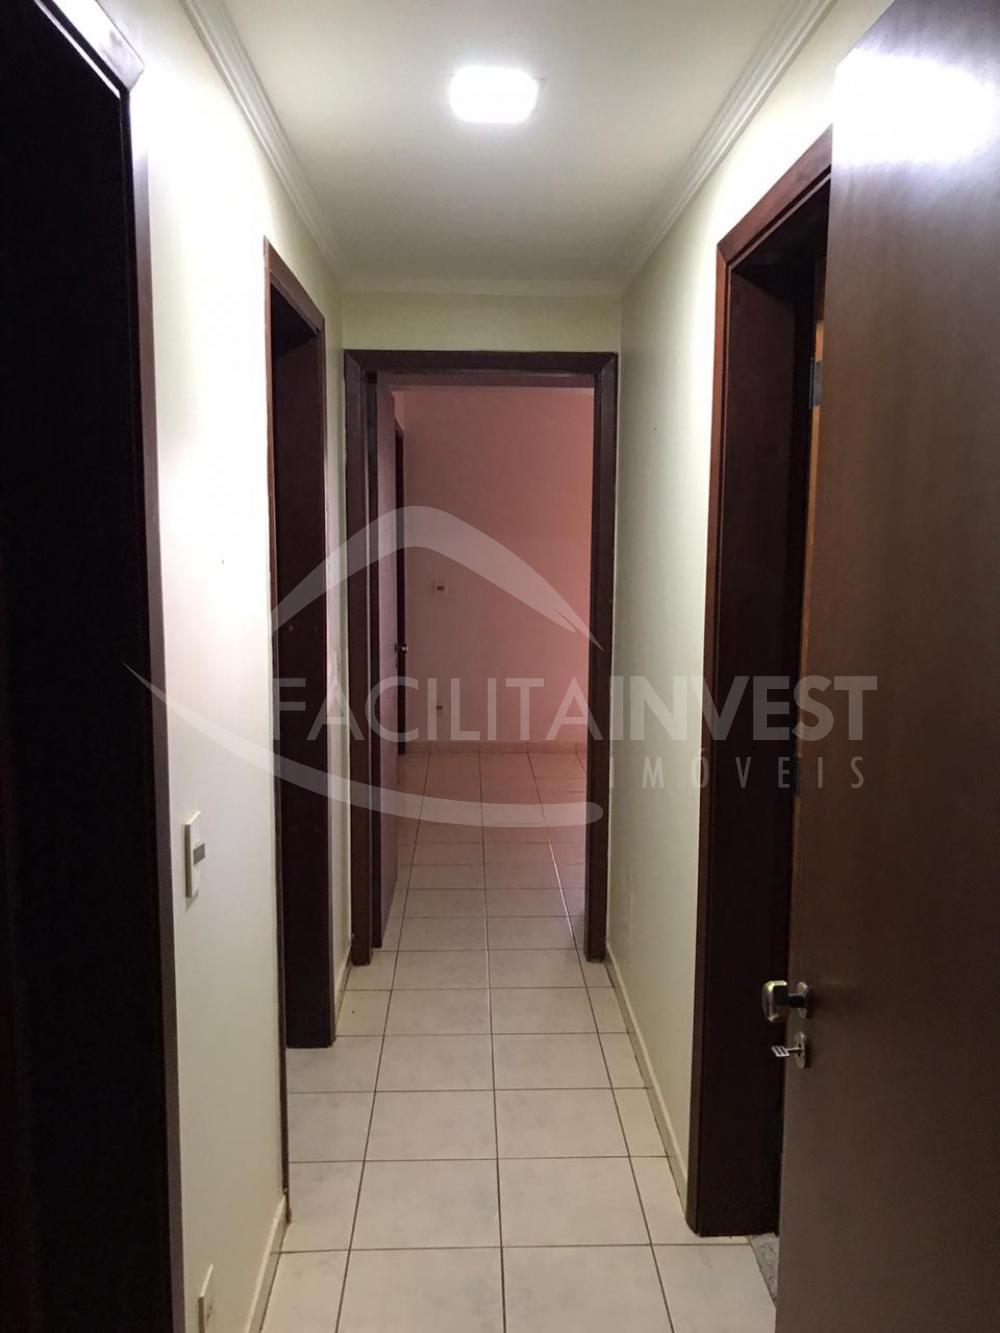 Comprar Apartamentos / Apart. Padrão em Ribeirão Preto apenas R$ 460.000,00 - Foto 18